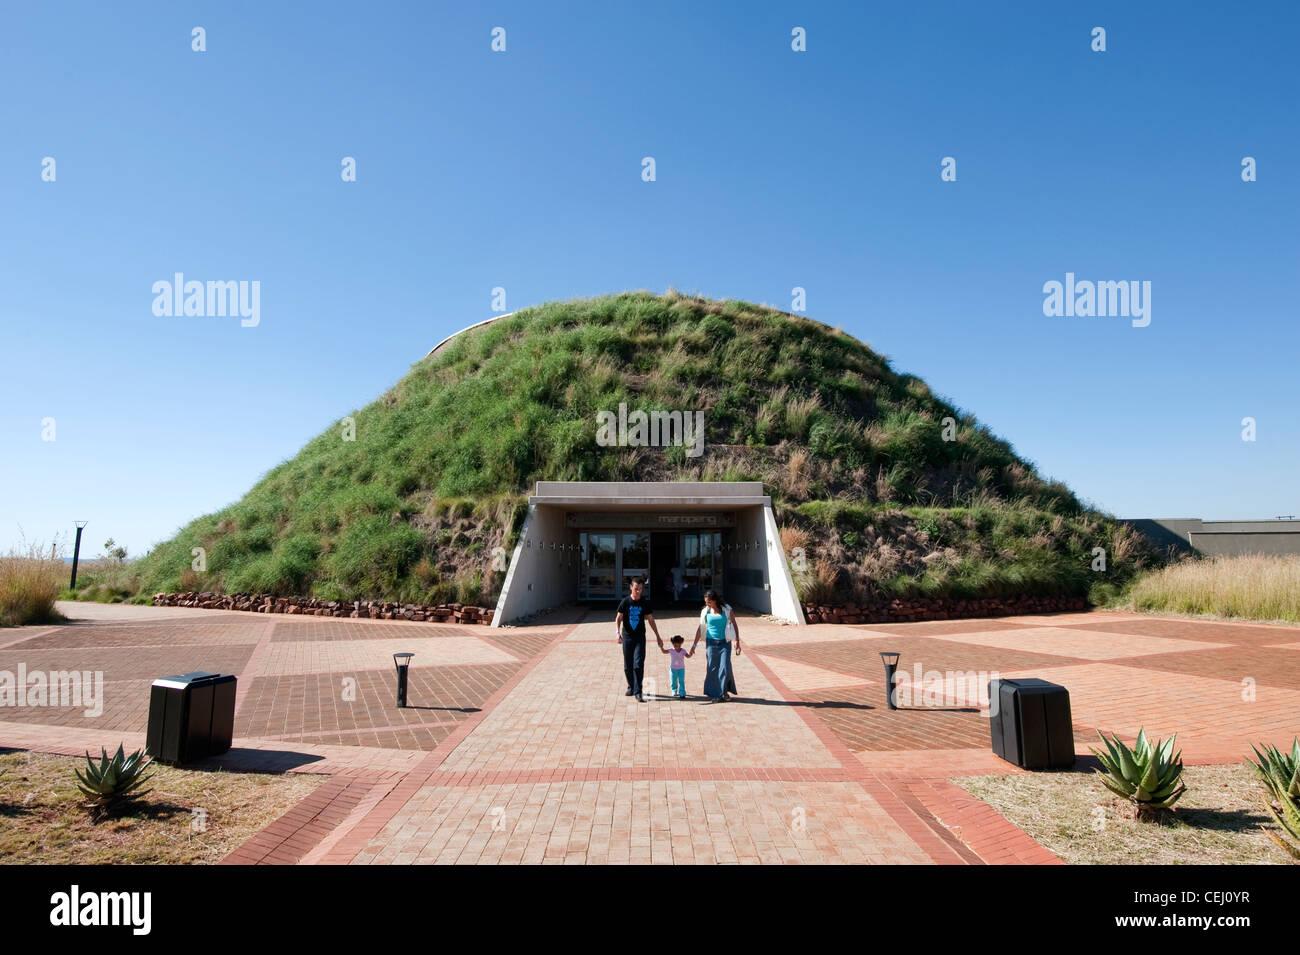 Balades en famille au Musée de Maropeng, berceau de l'humanité, le Gauteng Photo Stock